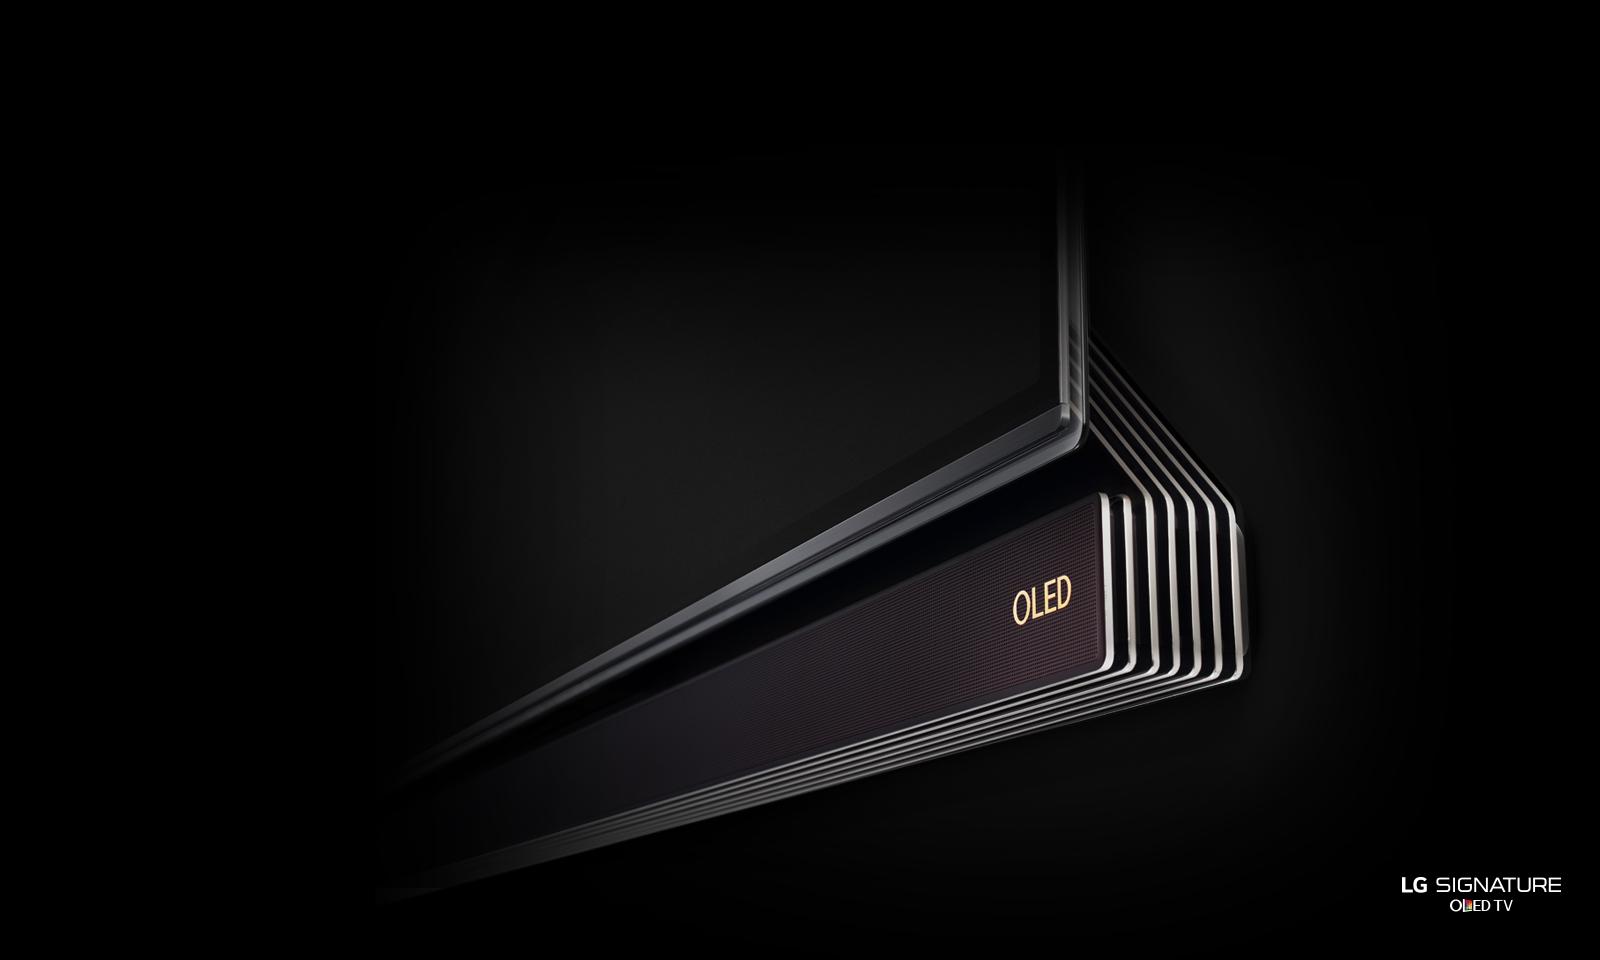 الجی در حال سرمایه گذاری در تولید پنلهای OLED برای بردن سفارشات IPhone است